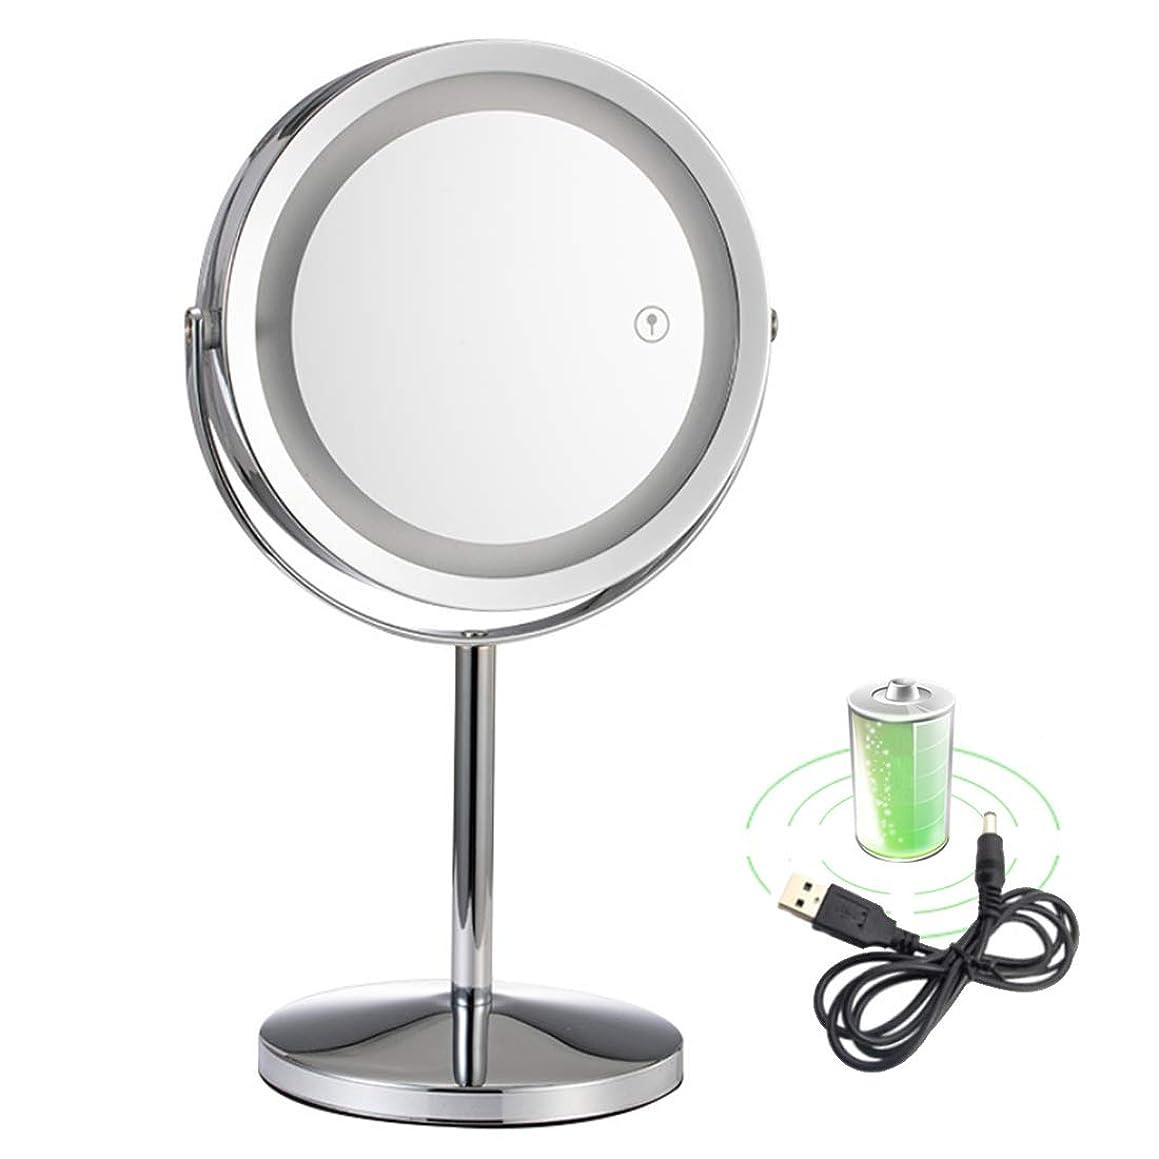 粉砕する野生送る卓上化粧台ミラー付きledライト-3倍拡大鏡ダブルミラー化粧鏡360度回転シェービングベッドルームまたはバスルーム